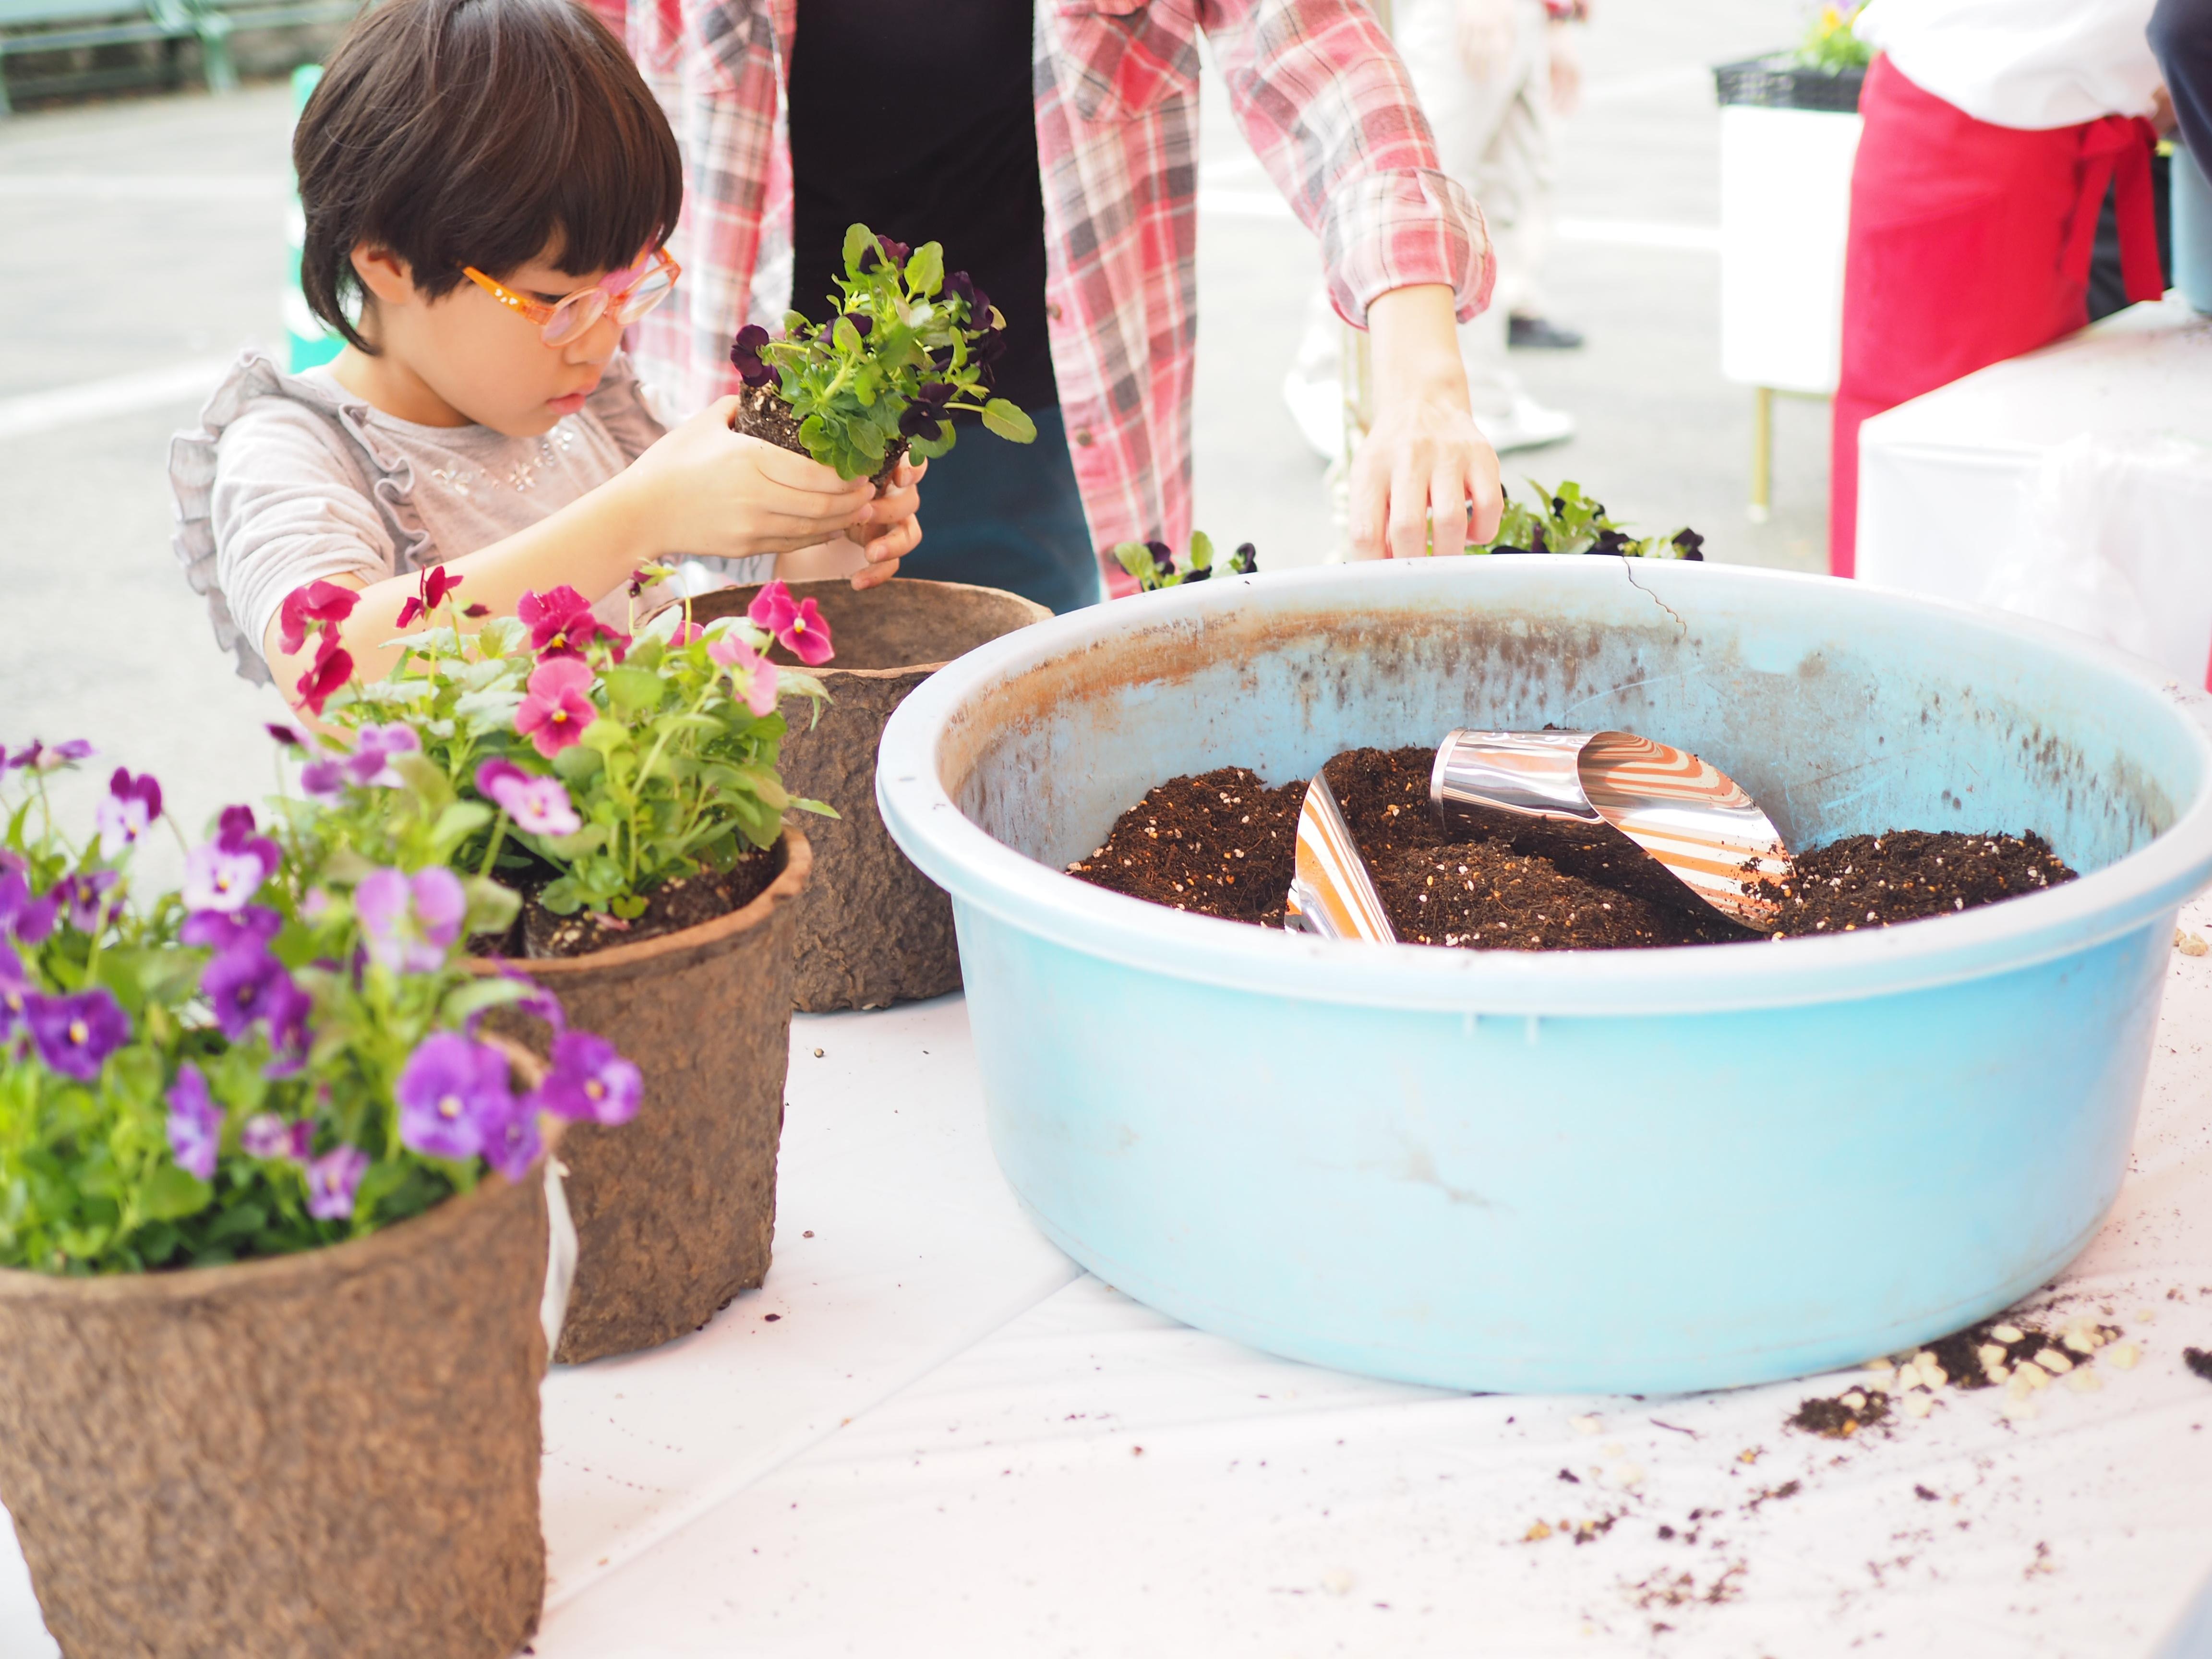 メインイベントは、来場者500人規模の寄せ植えでつくる巨大ハロウィン花壇。まずは、ハロウィン花壇のパーツとなるビオラの寄せ植えを来場者の皆さんに作っていただきます。気軽に無料参加できるとあって、小さなお子さんを連れたご家族やカップルなど、さまざまな方がチャレンジしていました。特にお子さんははじめての体験に大興奮! 講師のレクチャーを待ちきれず(?)、夢中で植え付けをする姿が微笑ましかったです。